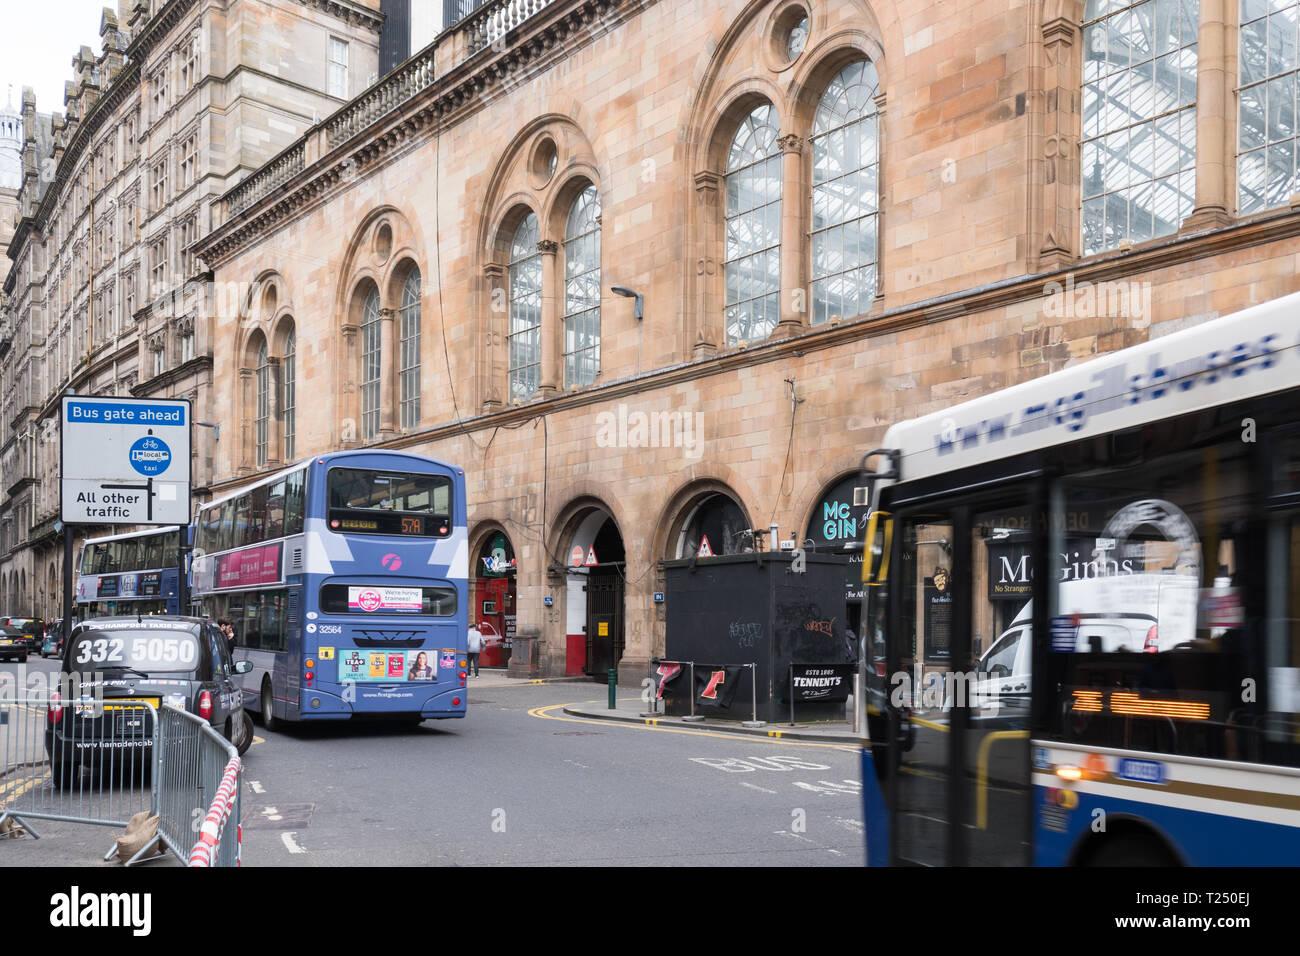 Hope Street Glasgow, am stärksten verschmutzten Schottlands Street - Busse fahren Vergangenheit Vorfahrt die Überwachung der Luftqualität Website - Glasgow, Schottland, Großbritannien Stockbild